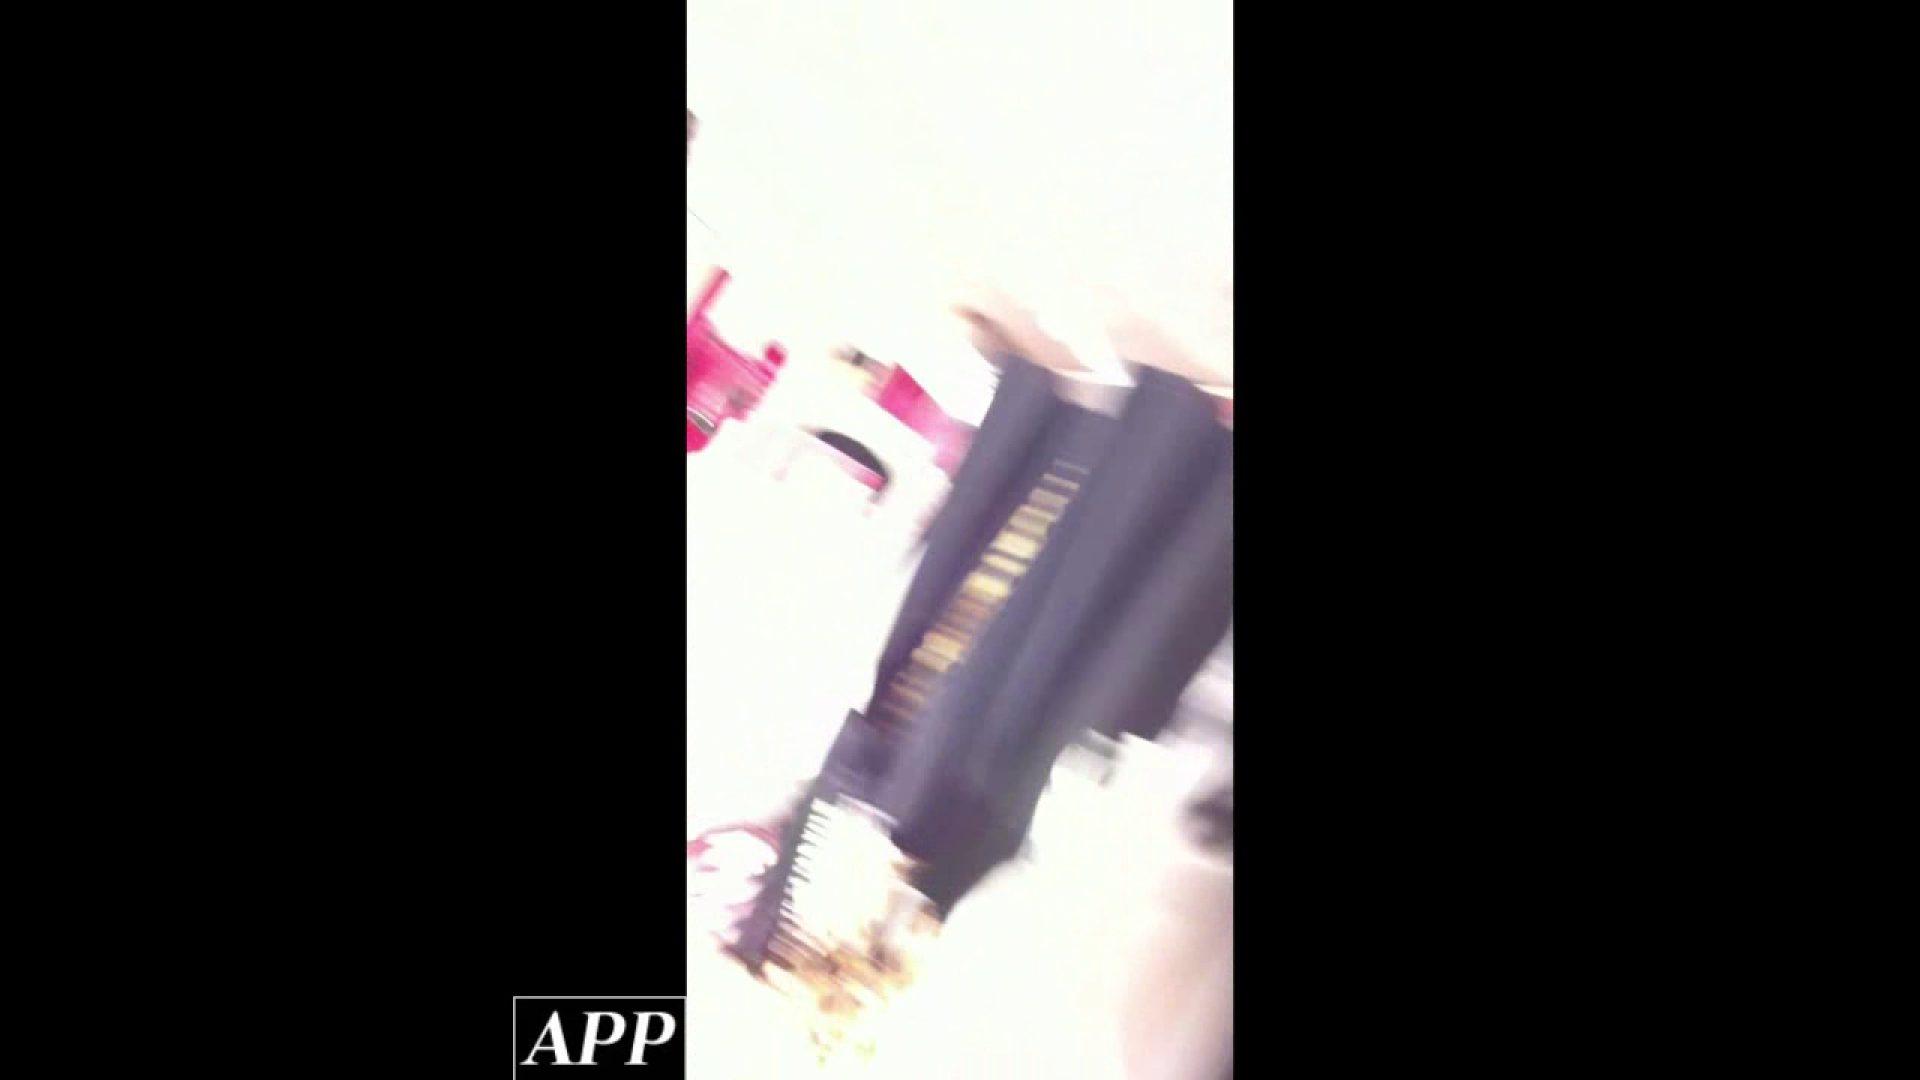 ハイビジョン盗撮!ショップ店員千人斬り!胸チラ編 vol.76 盗撮特集 | チラ  72画像 60